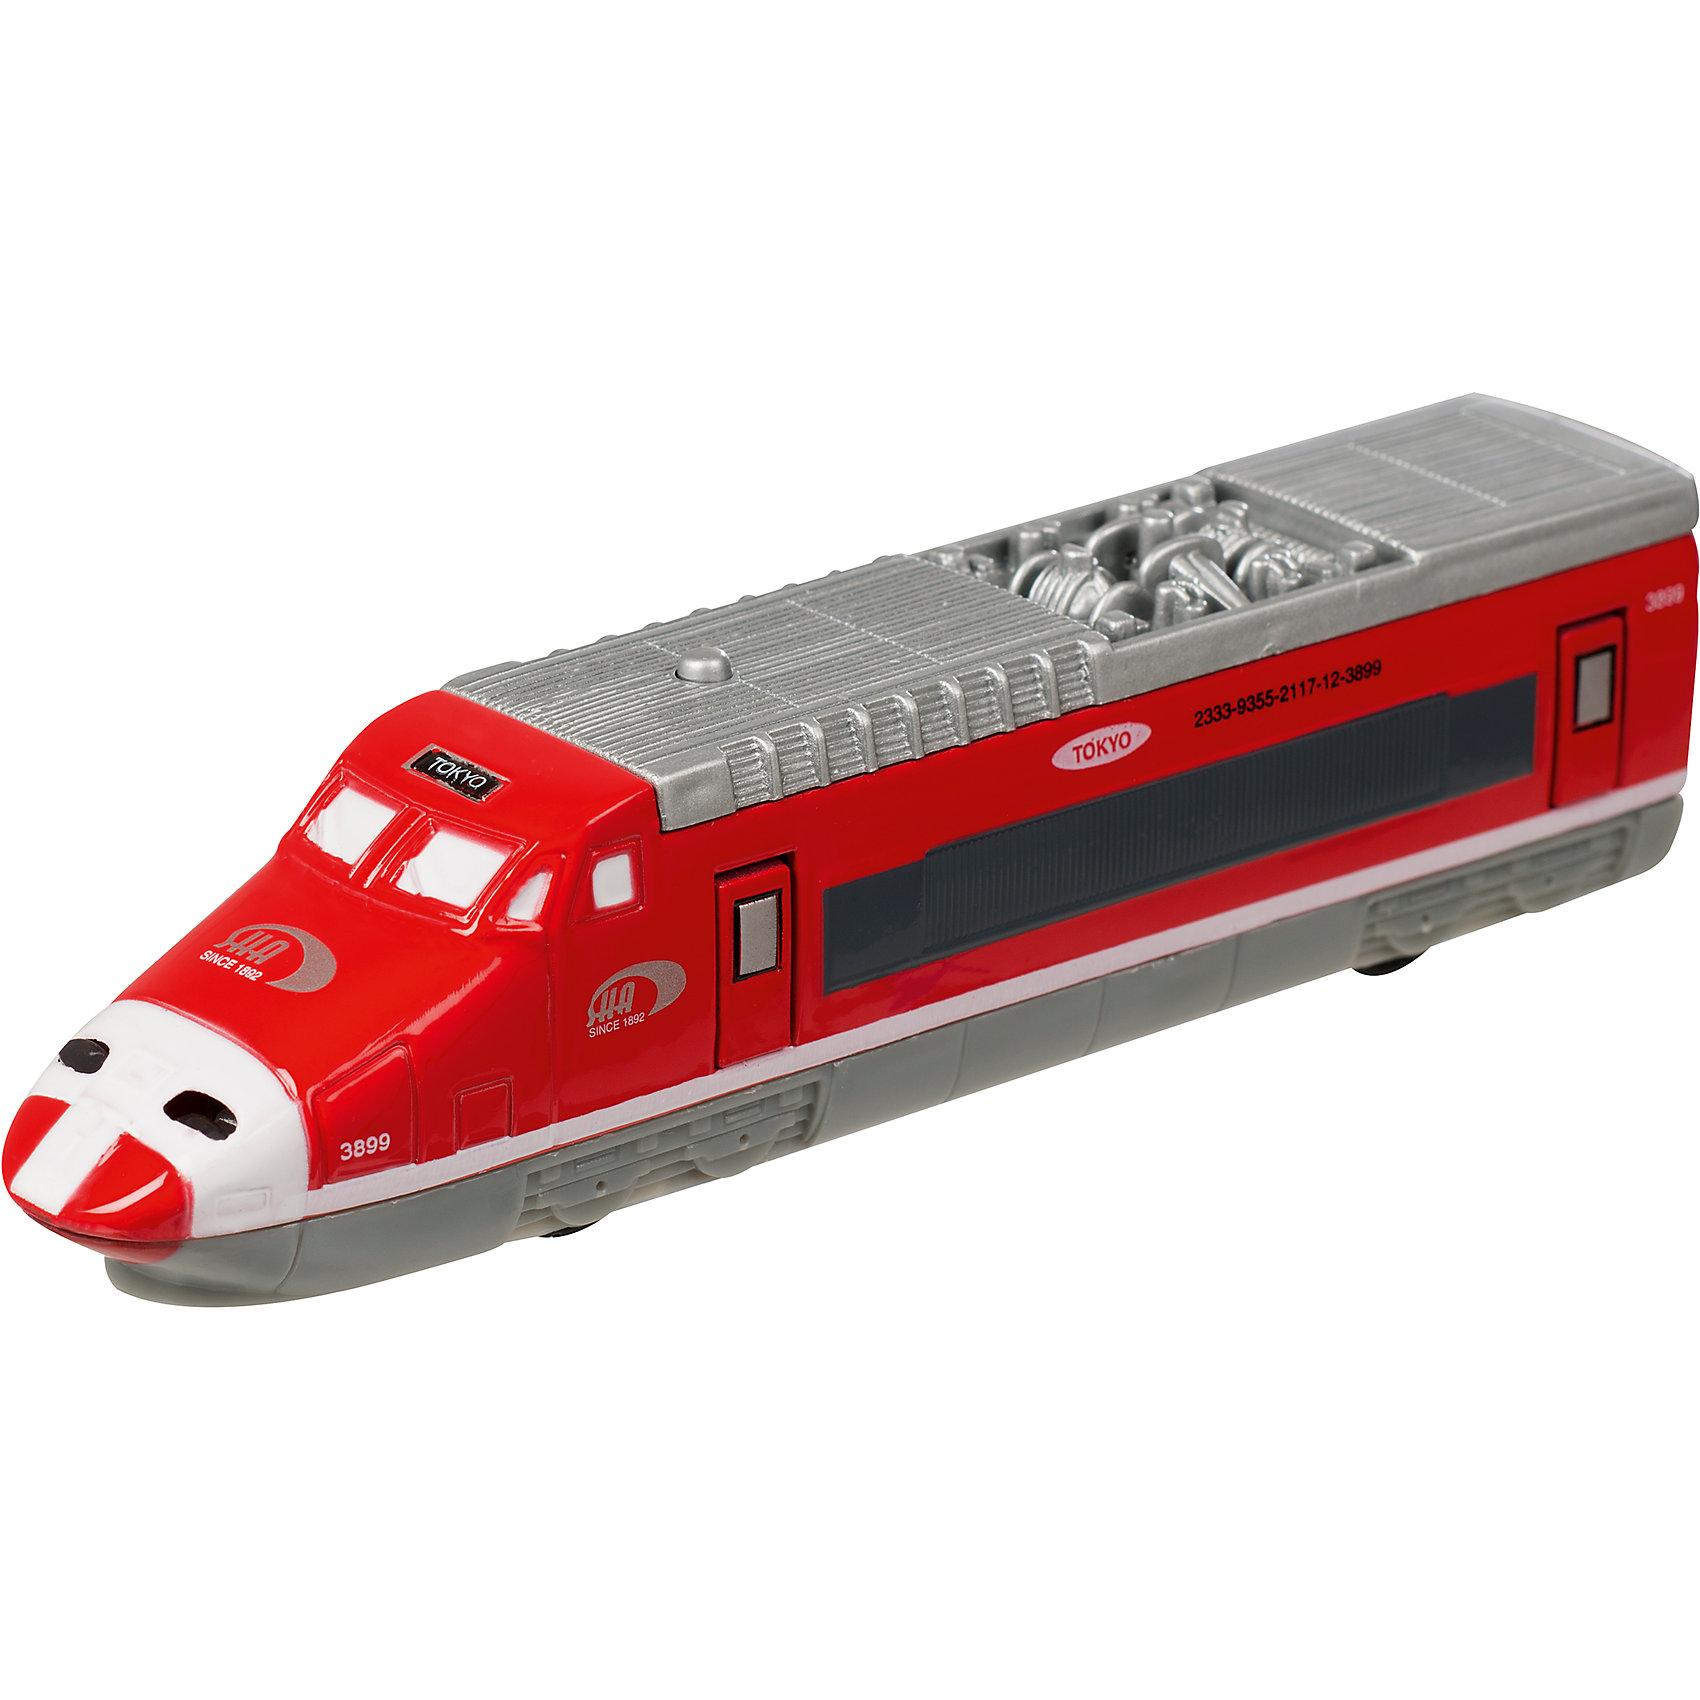 Скоростной поезд  Roadsterz Токийский экспресс, HTIИгрушечная железная дорога<br><br><br>Ширина мм: 50<br>Глубина мм: 210<br>Высота мм: 90<br>Вес г: 210<br>Возраст от месяцев: 36<br>Возраст до месяцев: 144<br>Пол: Мужской<br>Возраст: Детский<br>SKU: 6908022